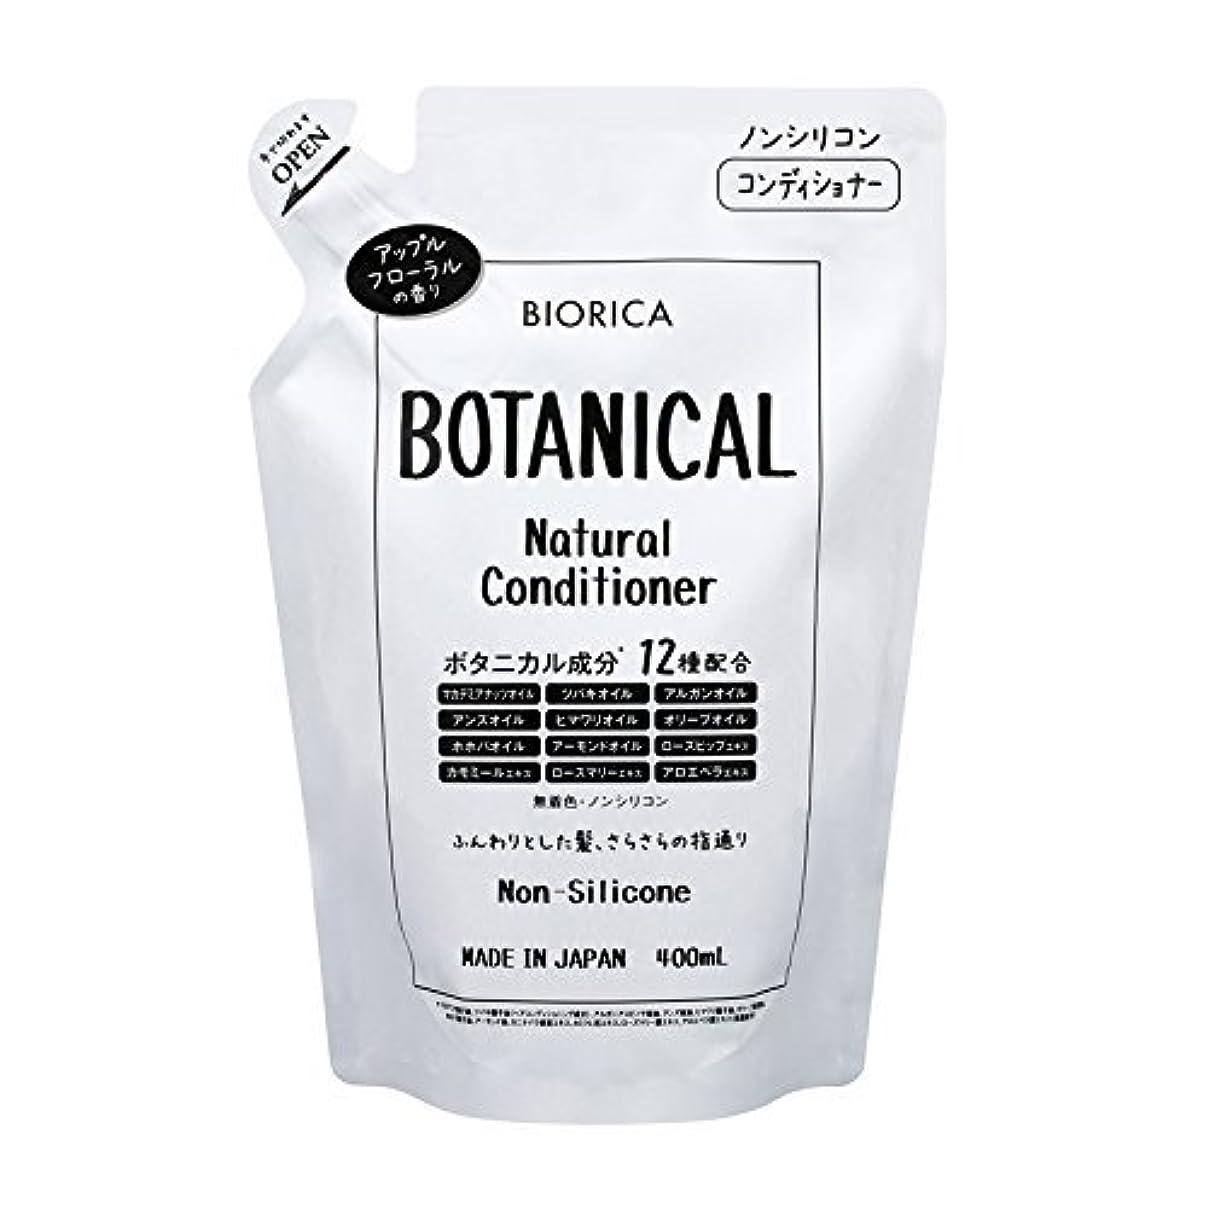 不名誉順応性規制BIORICA ビオリカ ボタニカル ノンシリコン コンディショナー 詰め替え アップルフローラルの香り 400ml 日本製